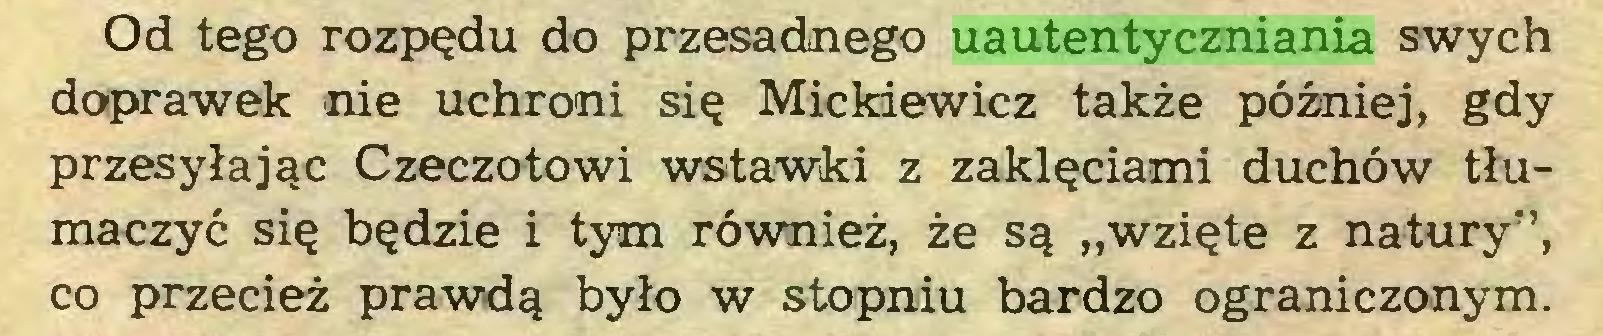 """(...) Od tego rozpędu do przesadnego uautentyczniania swych doprawek nie uchroni się Mickiewicz także później, gdy przesyłając Czeczotowi wstawki z zaklęciami duchów tłumaczyć się będzie i tym również, że są """"wzięte z natury"""", co przecież prawdą było w stopniu bardzo ograniczonym..."""